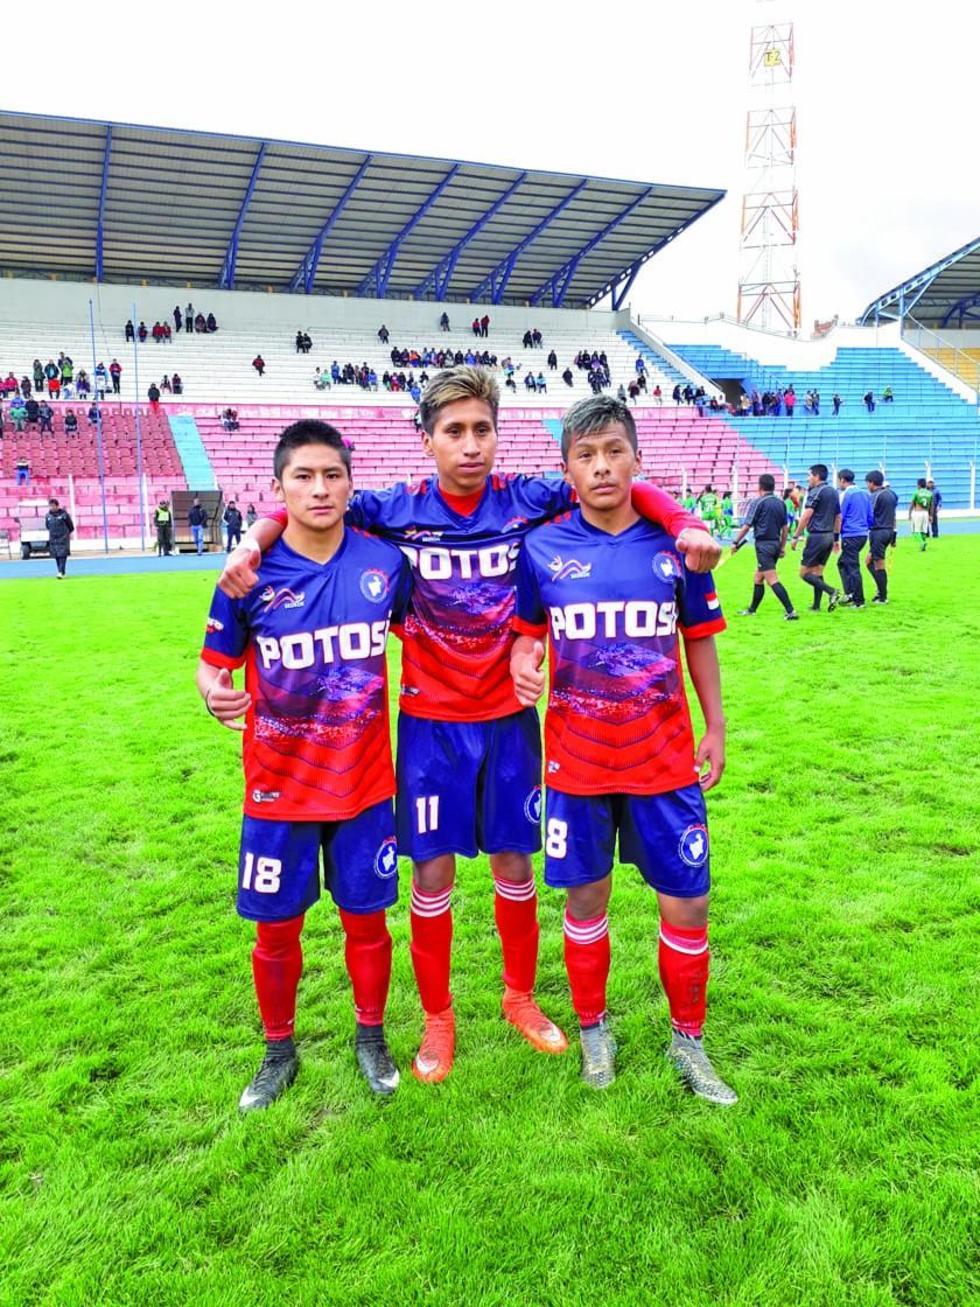 Los autores de los goles para Potosí, Jhonny Soto, Miguel Mamani y Daniel Secko.